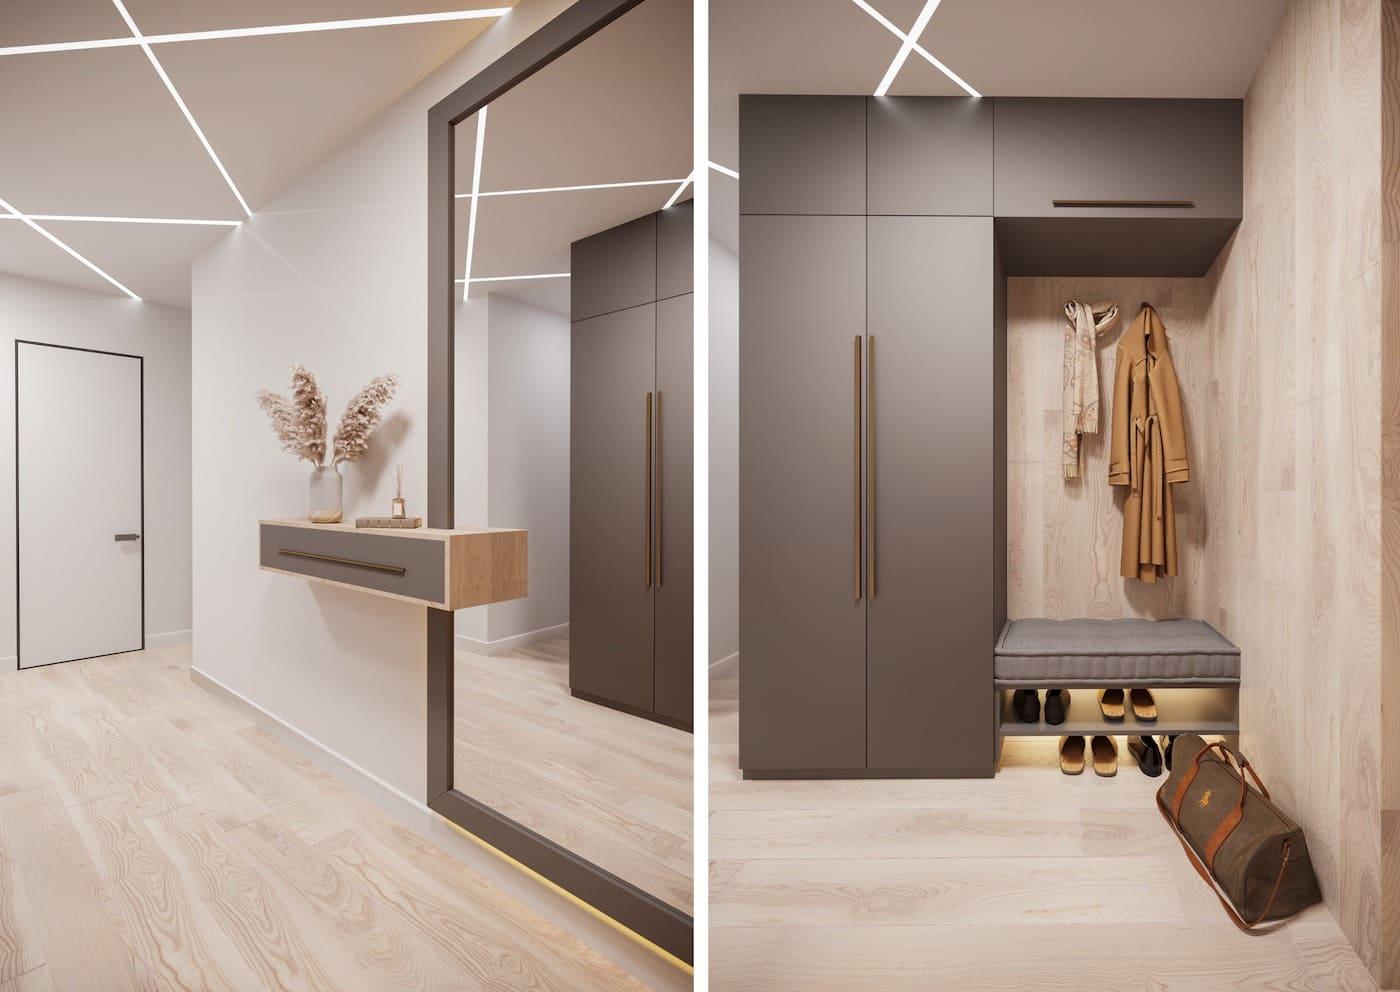 design d'intérieur couloir photo 17